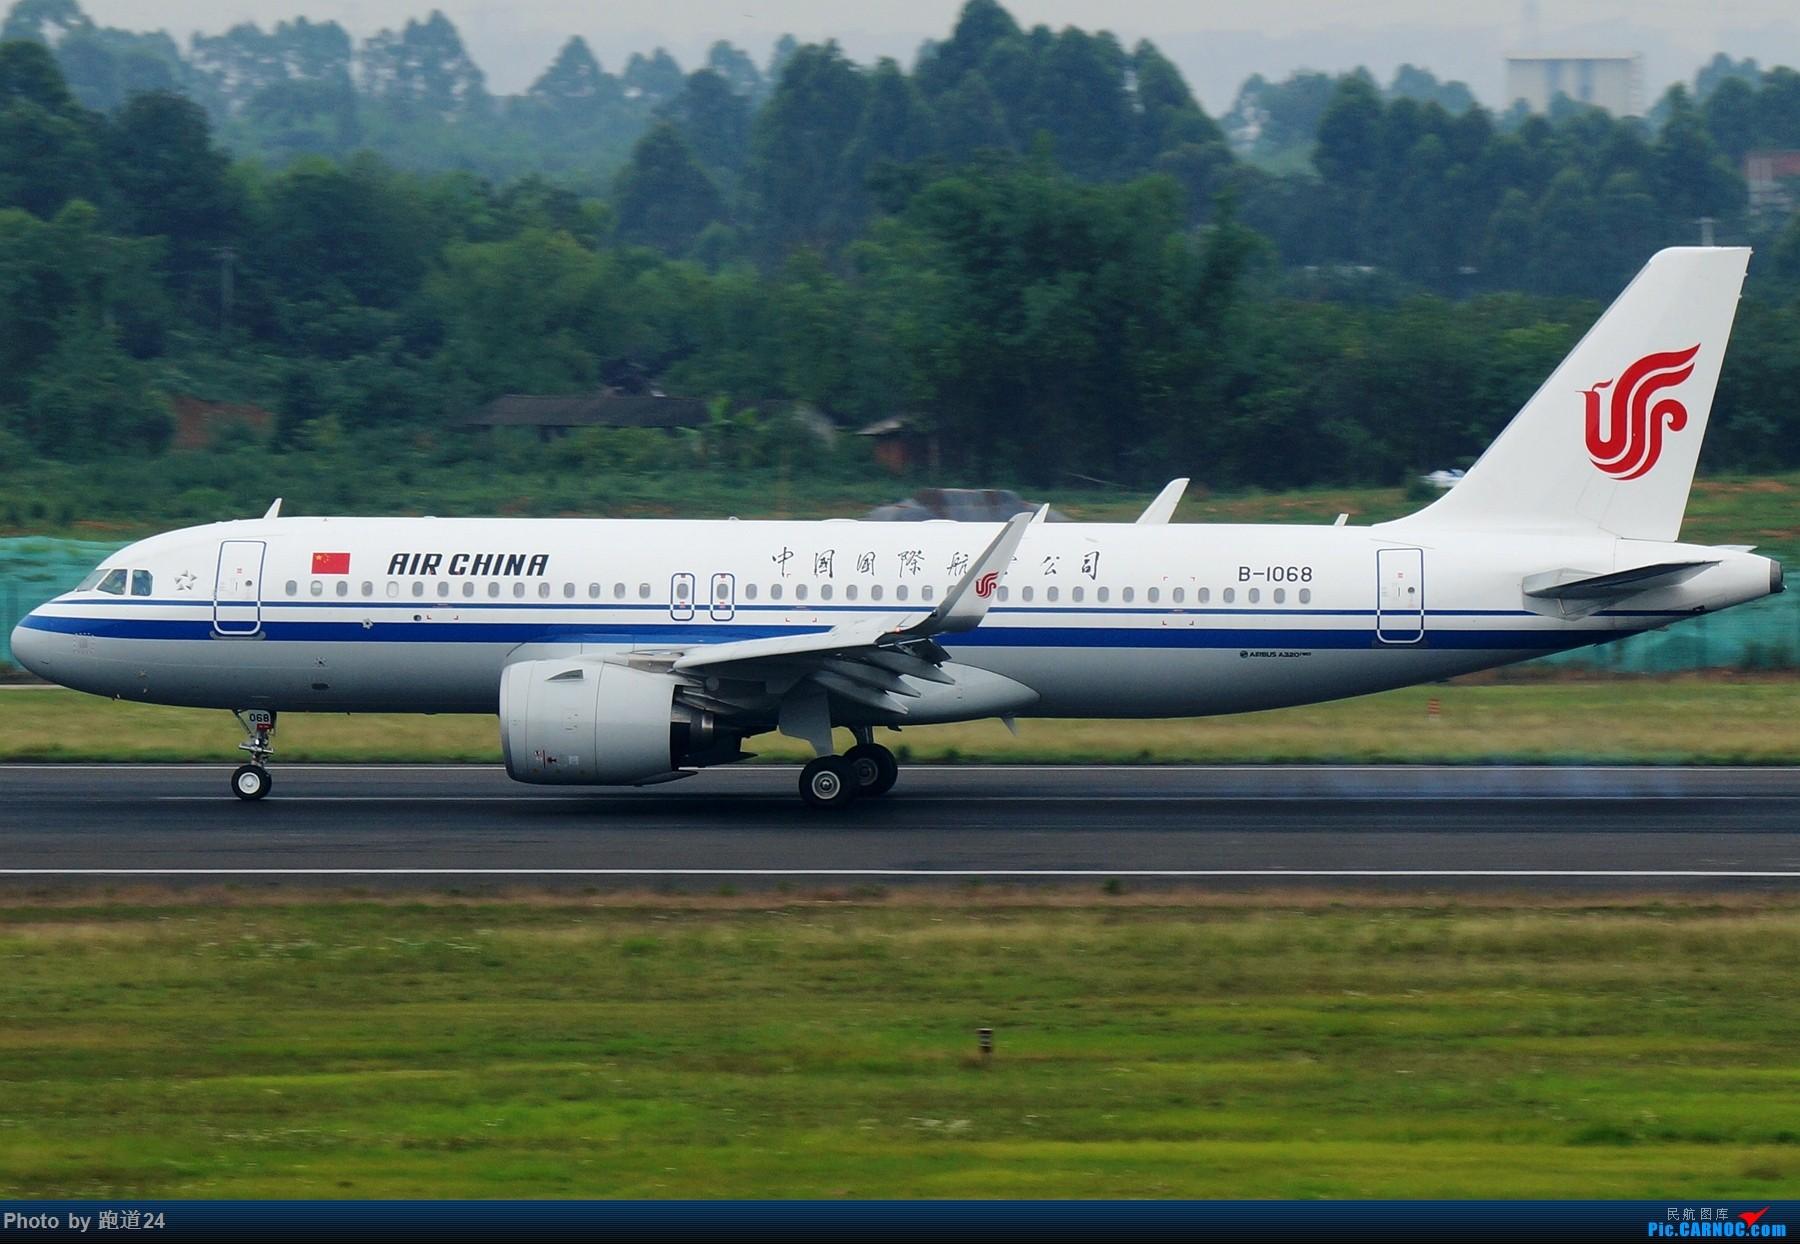 Re:[原创][多图党]6.15CTU拍机集锦【美联788,南方B73MAX】 AIRBUS A320NEO B-1068 中国成都双流国际机场